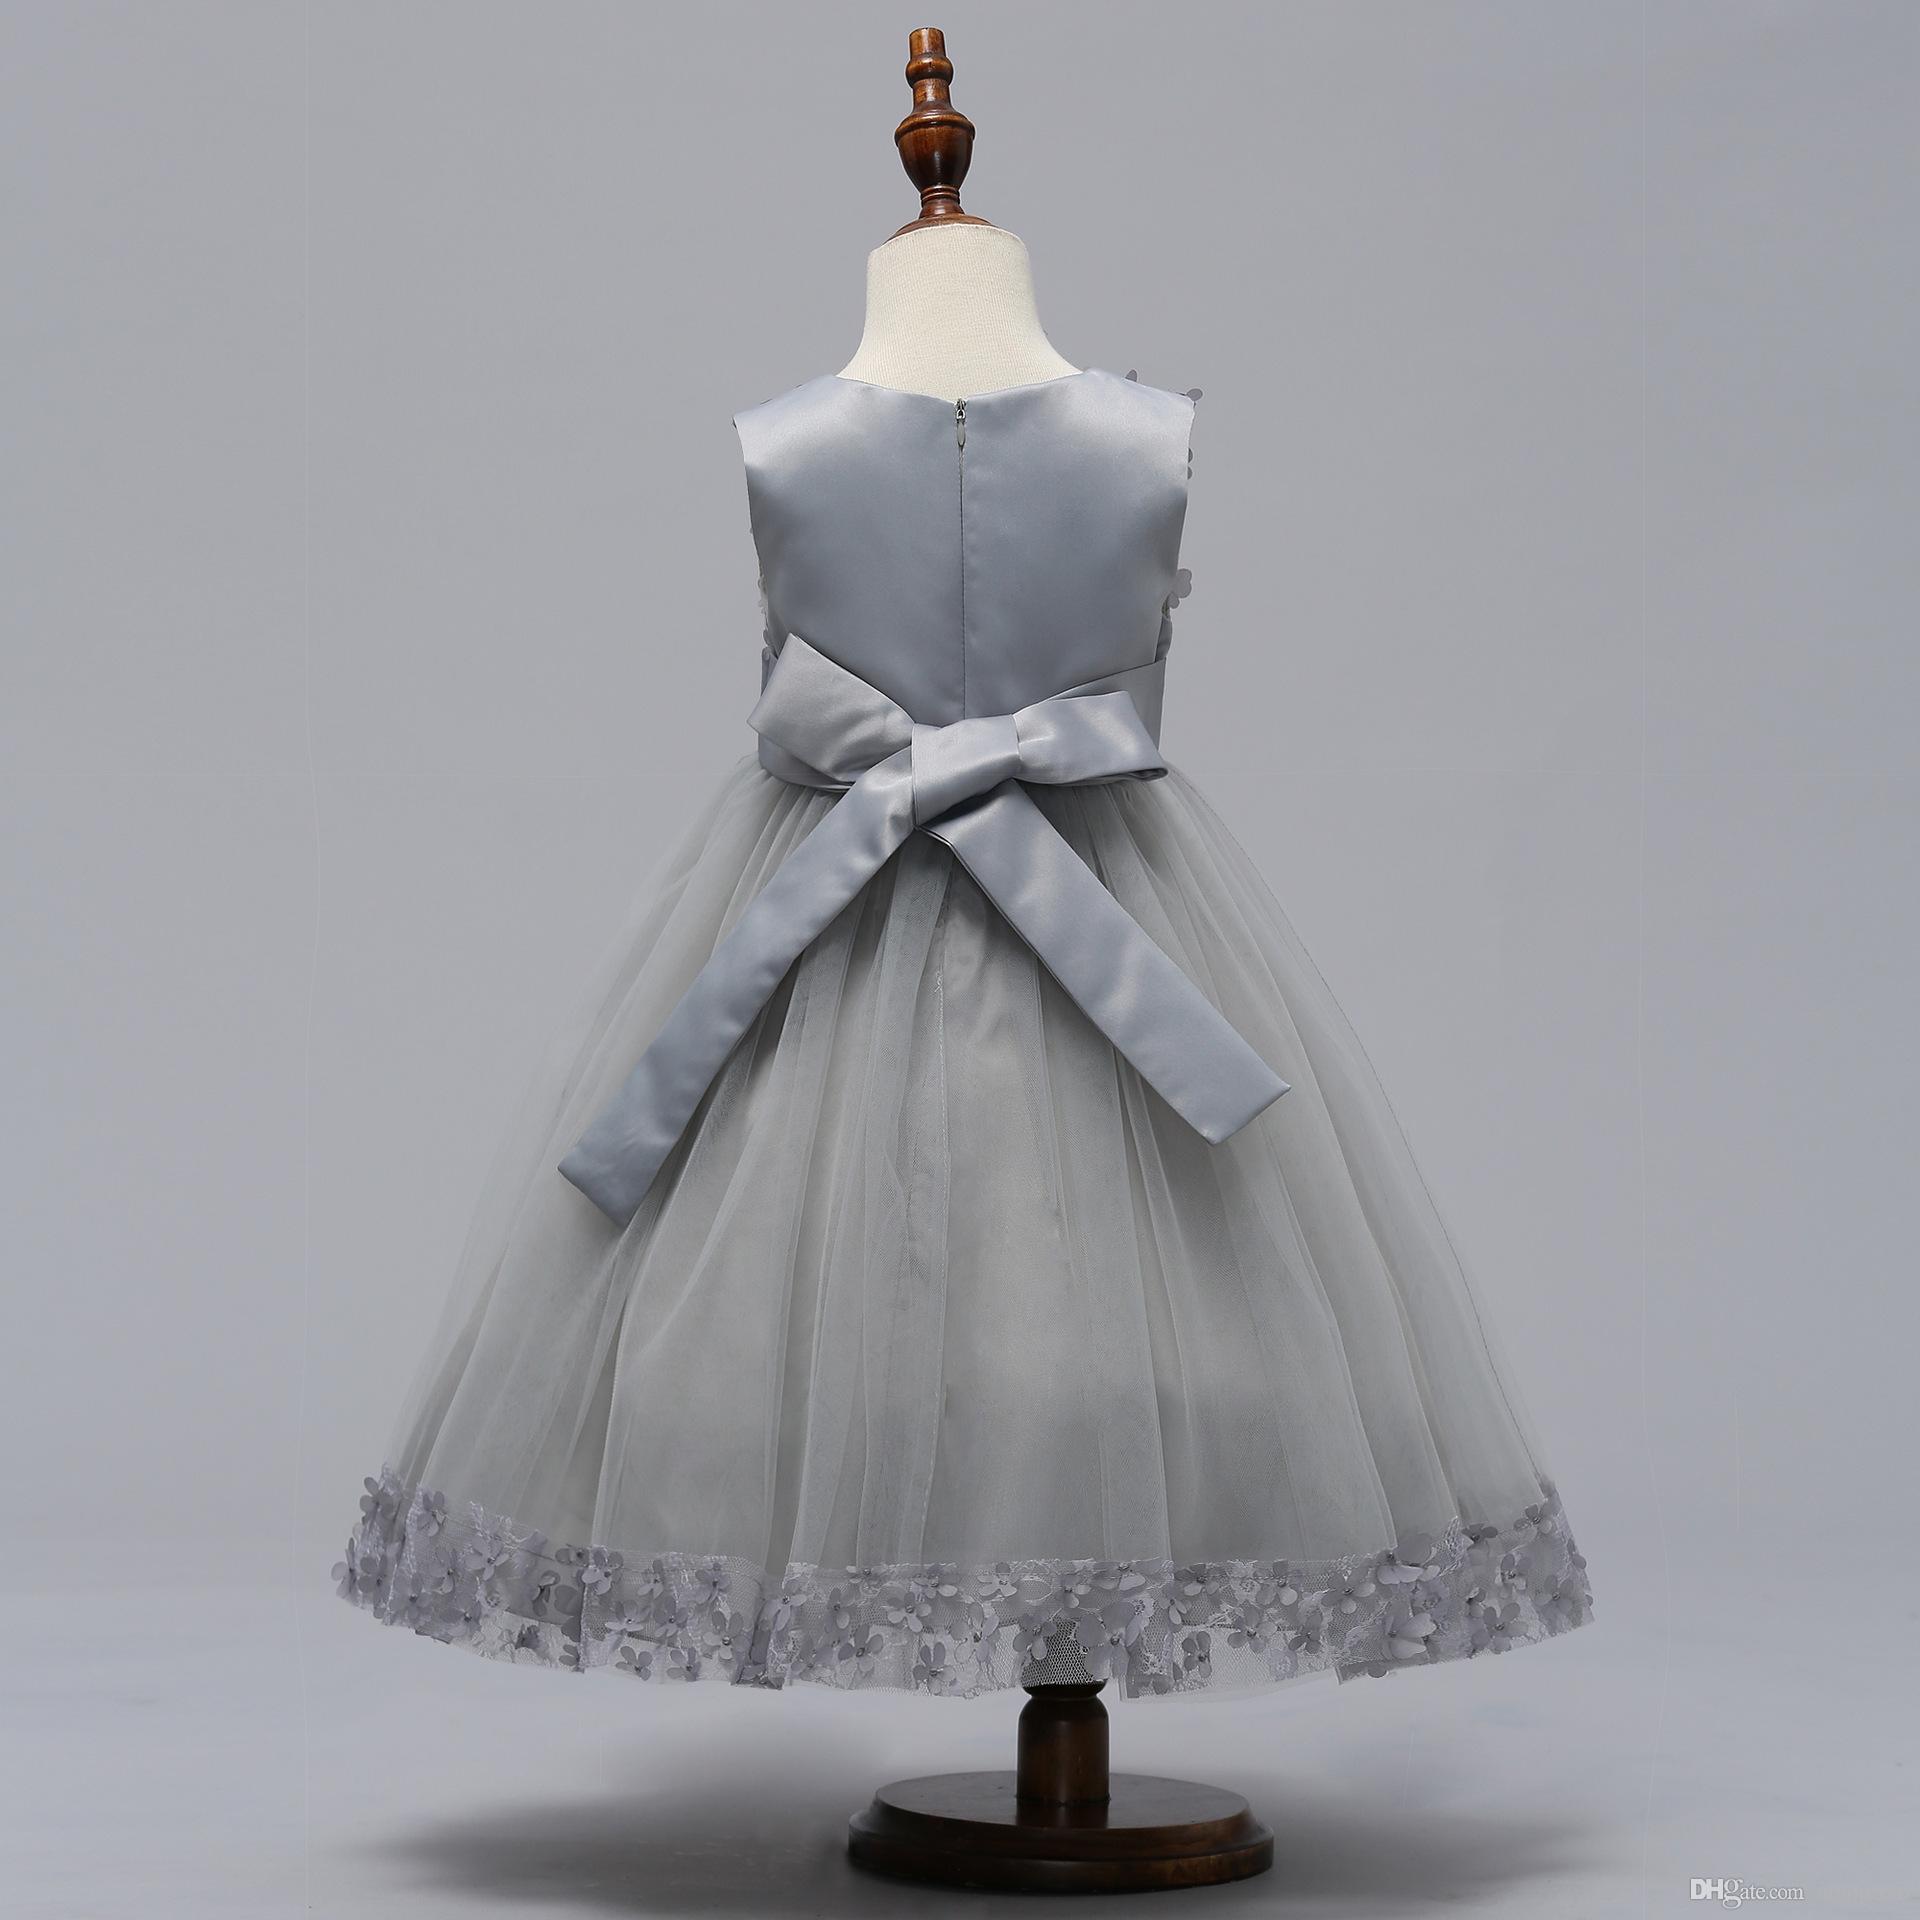 Bowknot Dress For Girls Bambini abiti da ballo ragazze Vestido Infantil Princess Serata Party Roupas De Menina Femininas